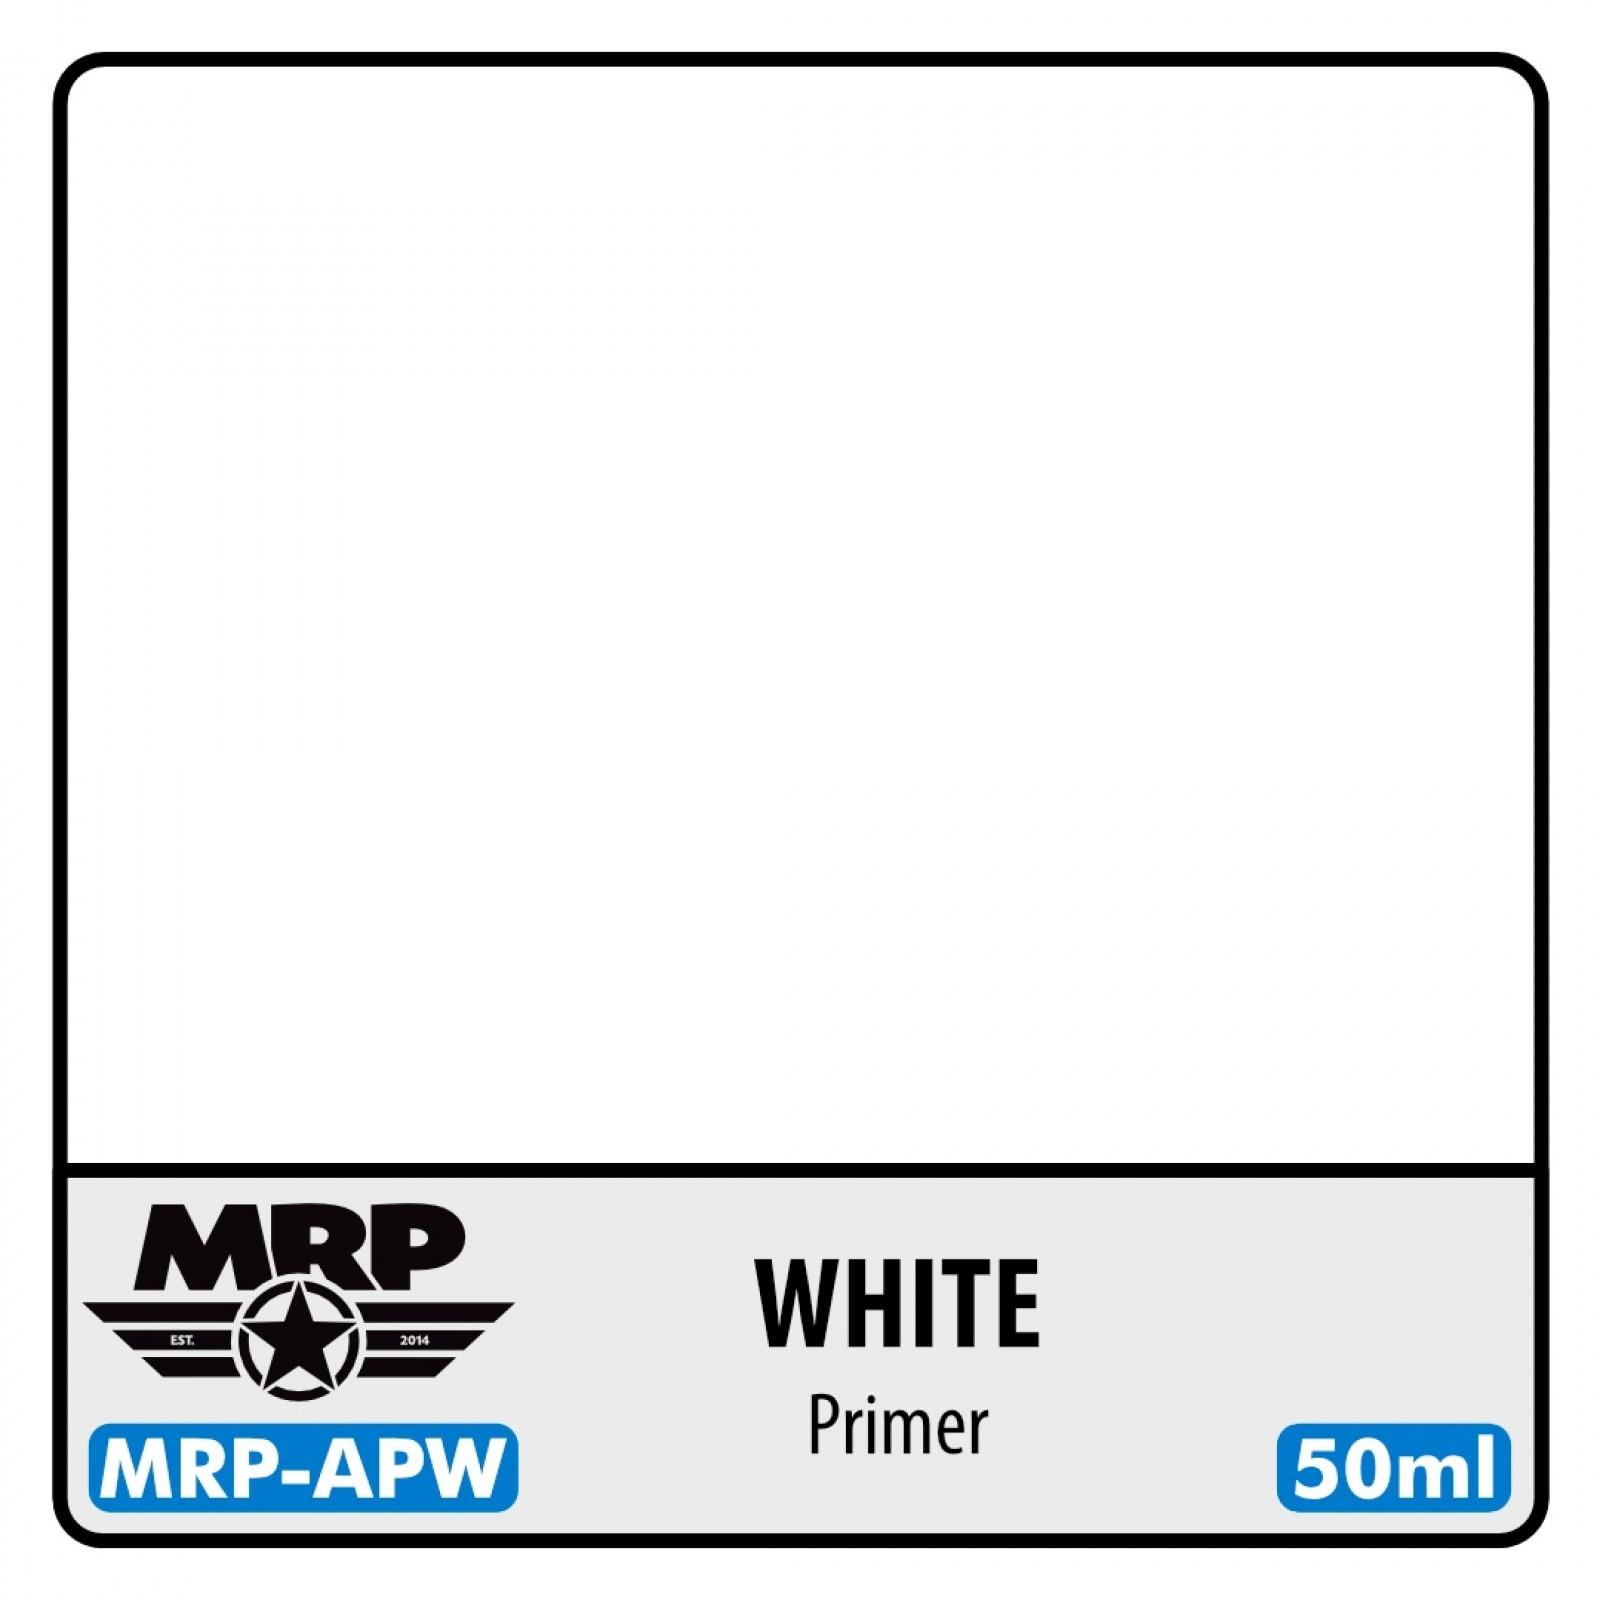 MRP-APW Primer WHITE